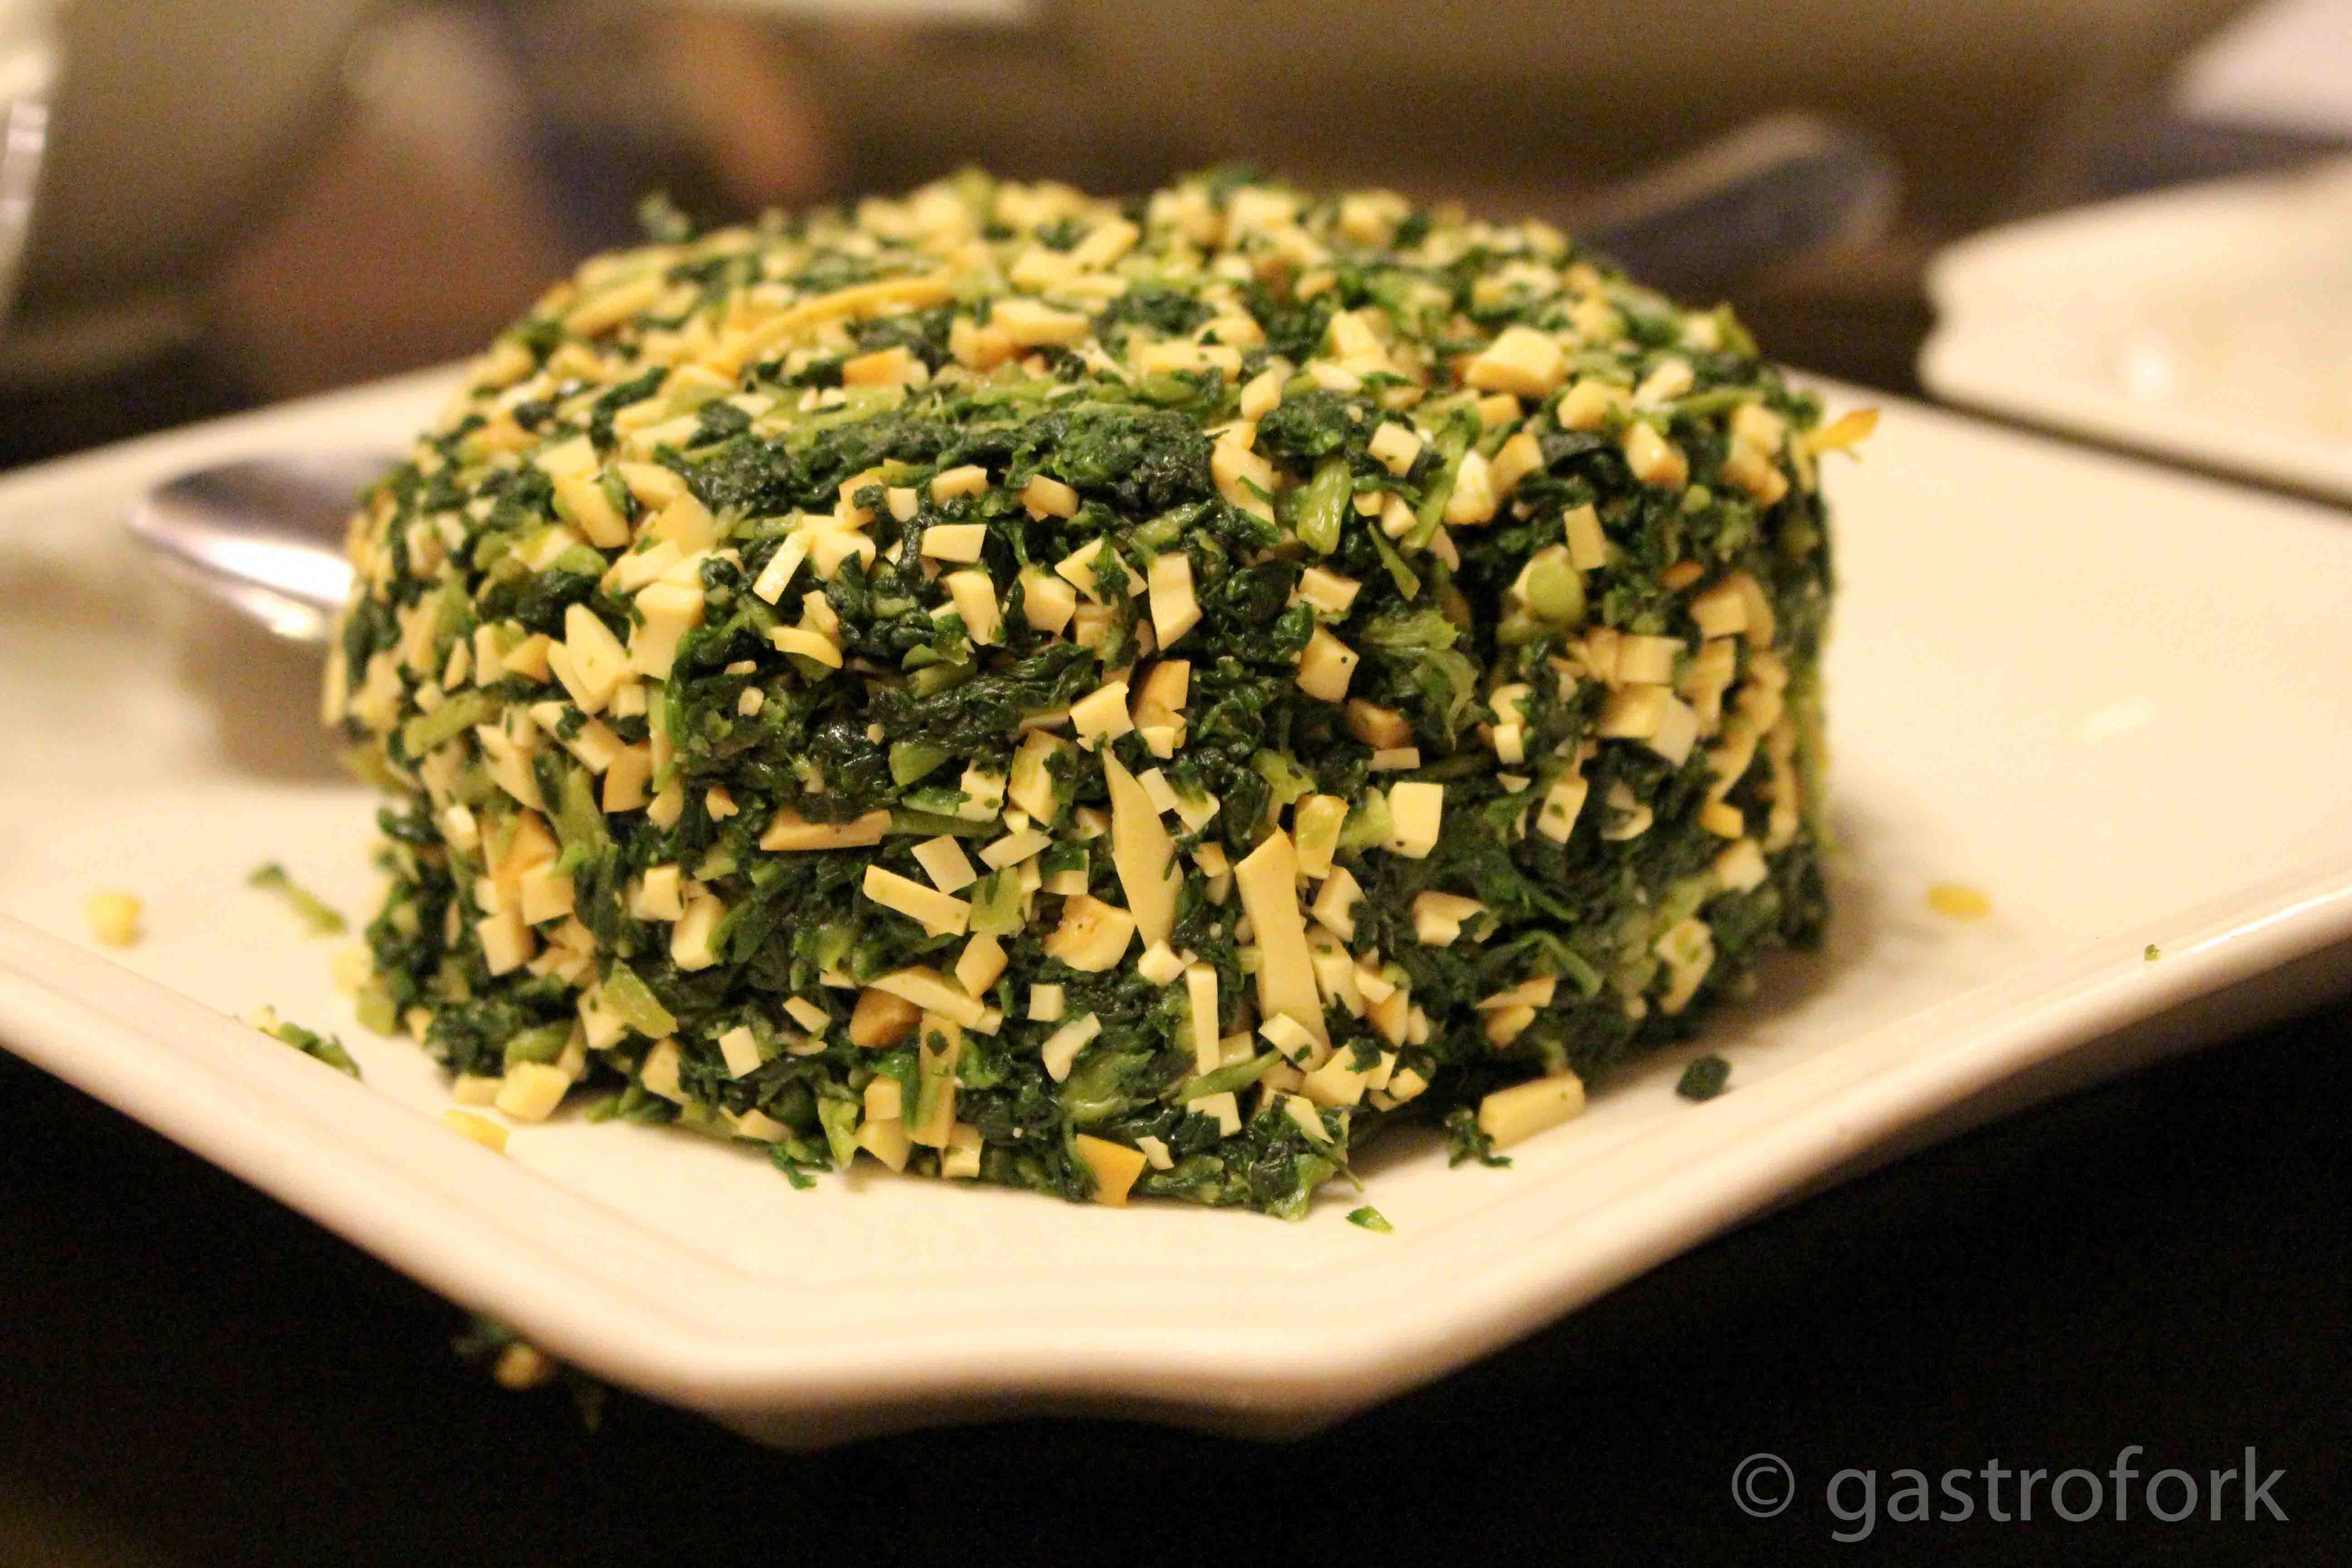 lins cuisine-9543